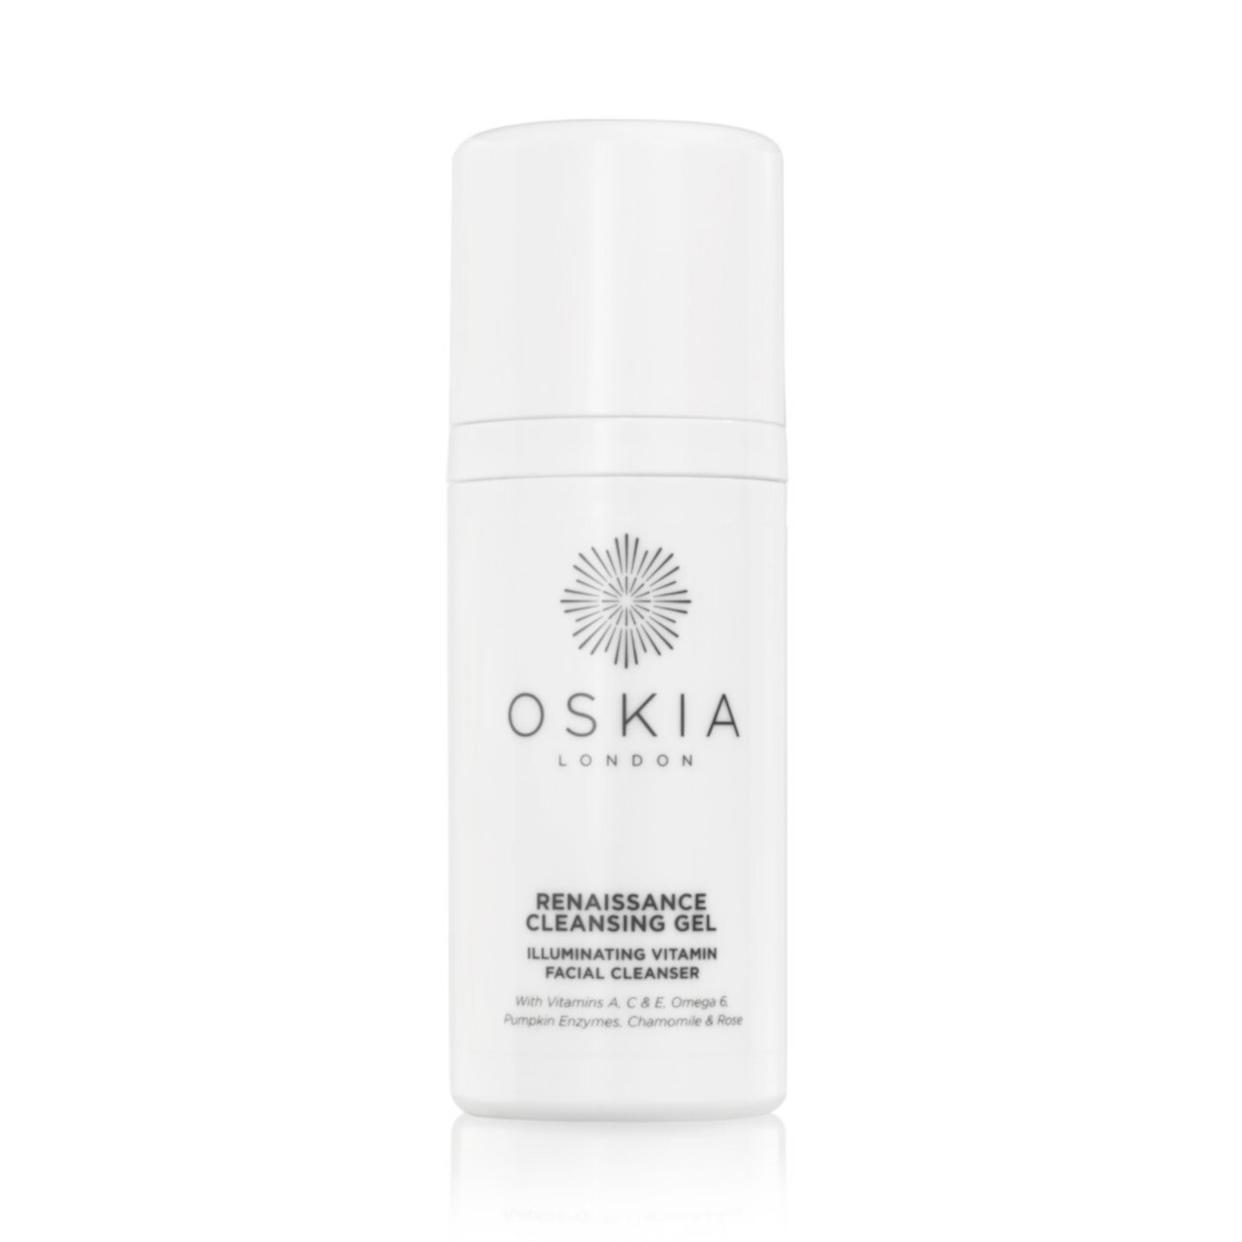 OSKIA(オスキア) ルネサンス クレンジングジェル